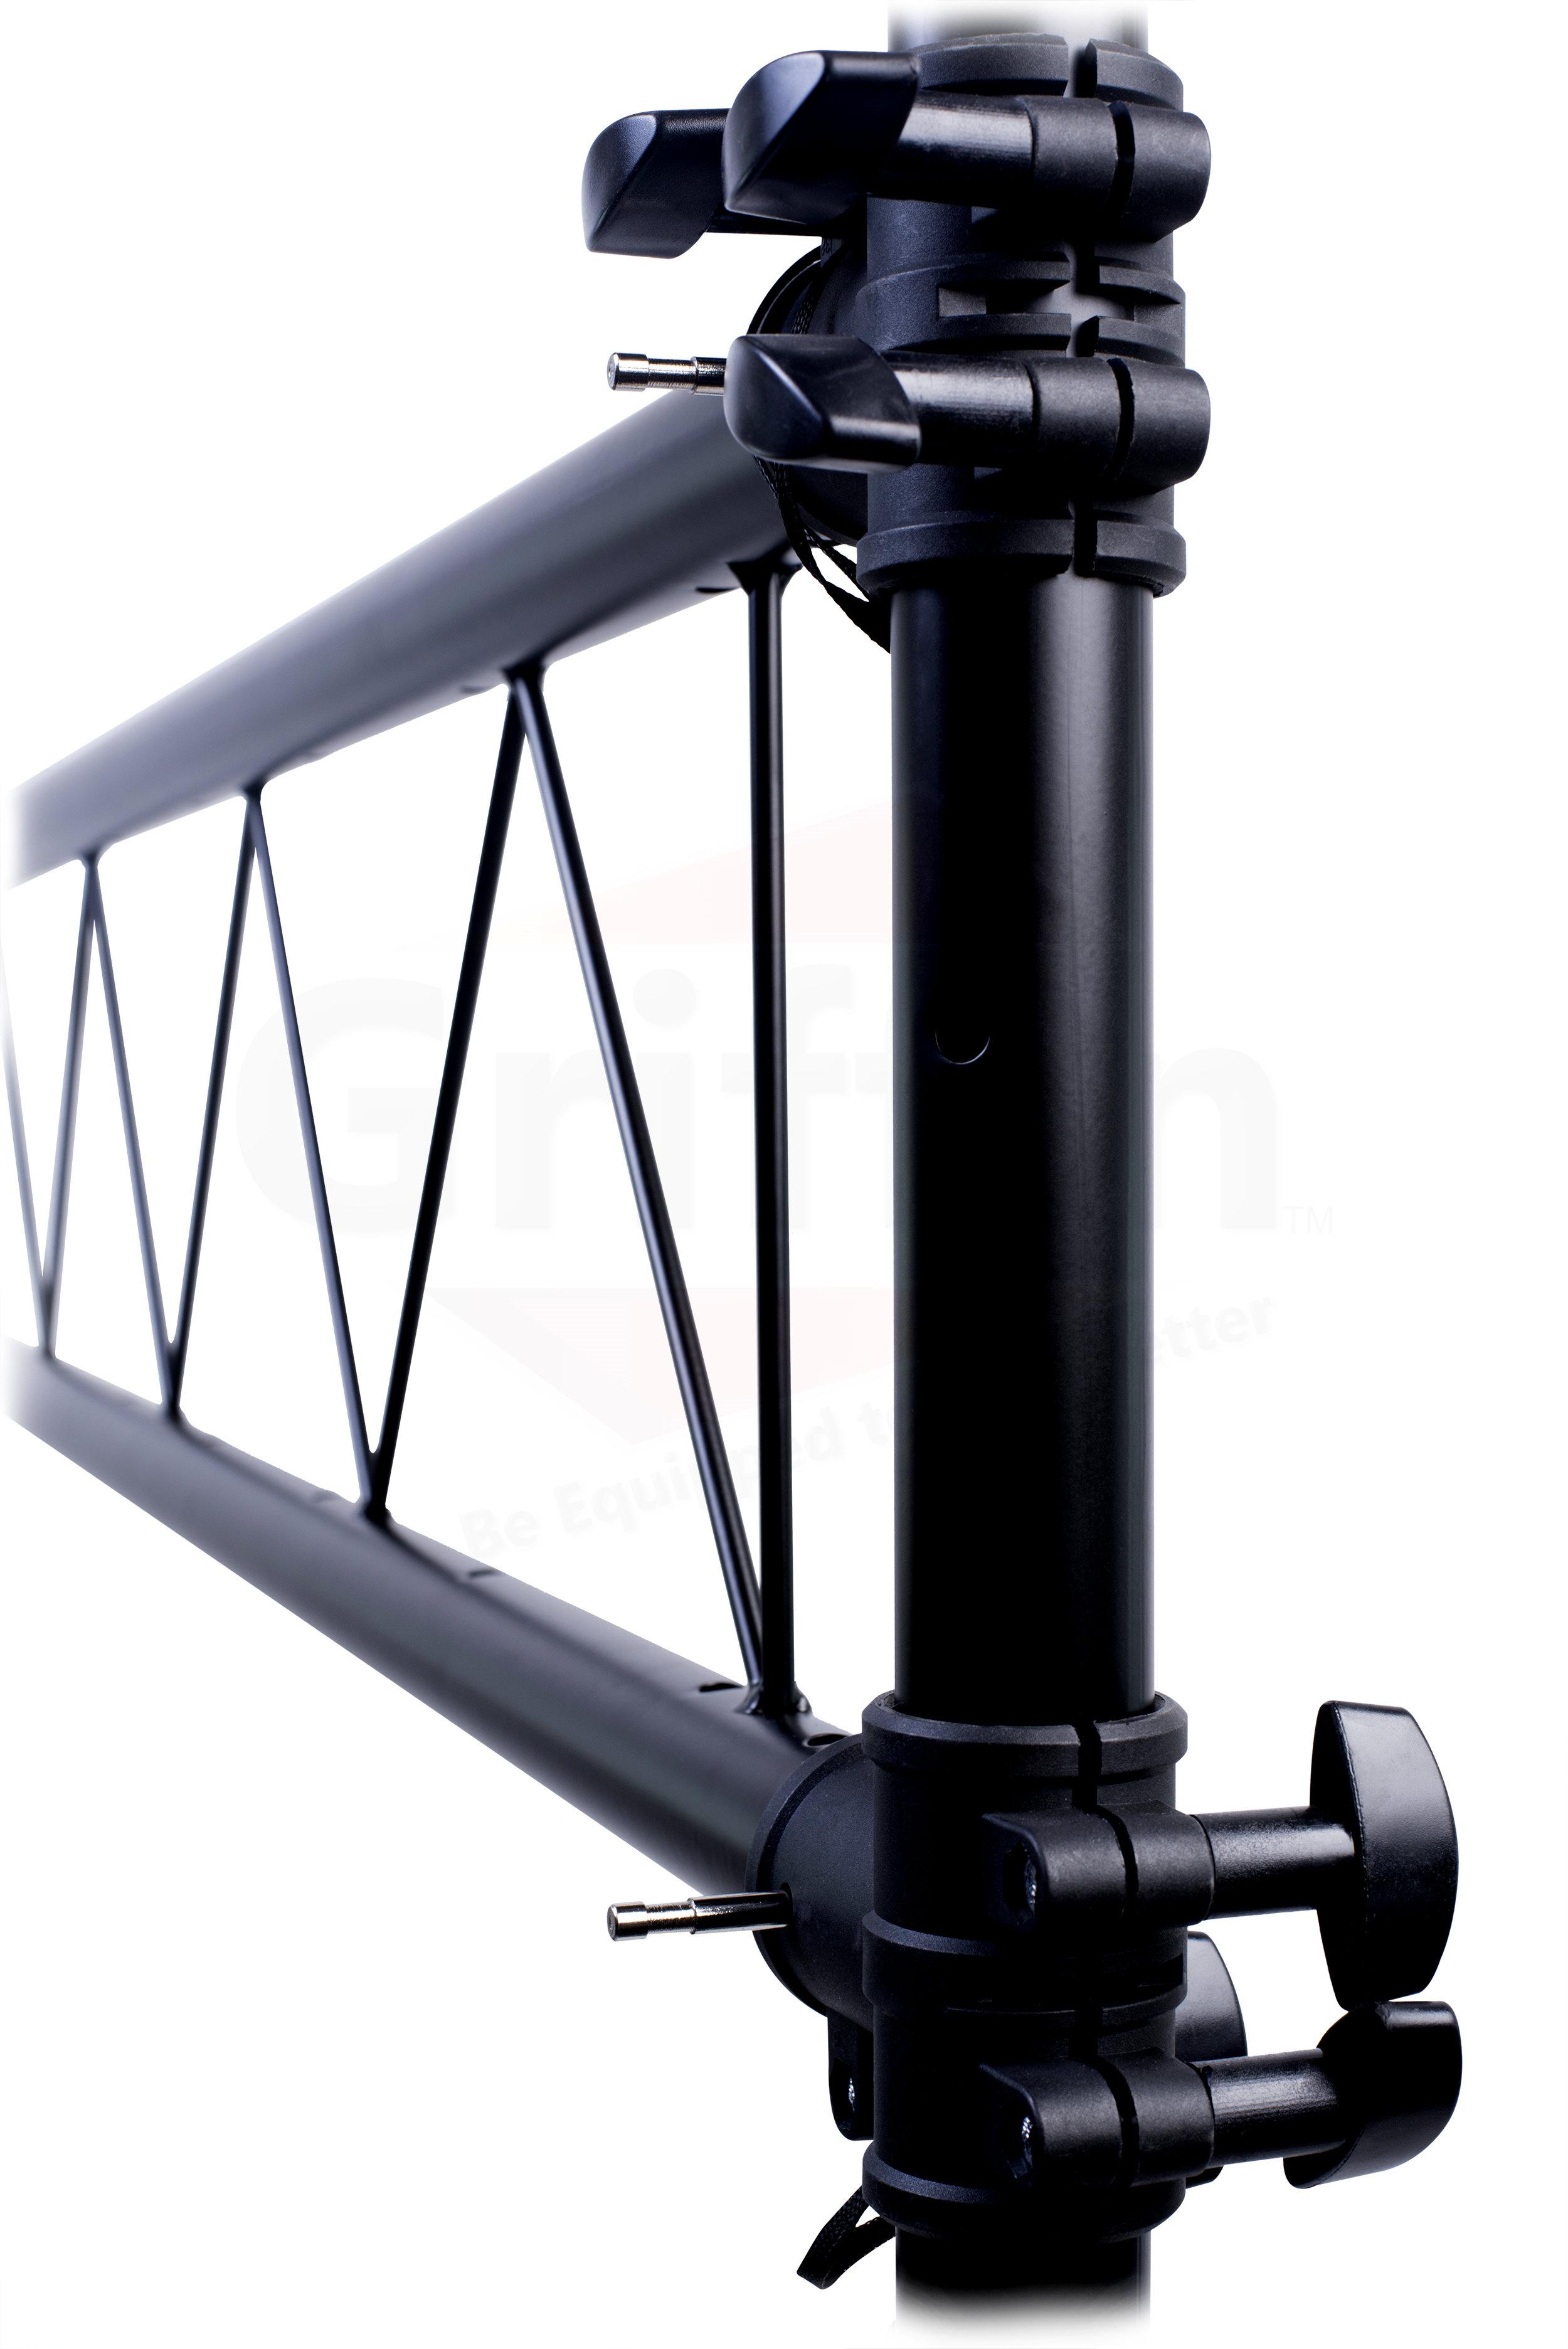 dj light truss stand system trussing i beam lighting stage pa speaker t bar ebay. Black Bedroom Furniture Sets. Home Design Ideas